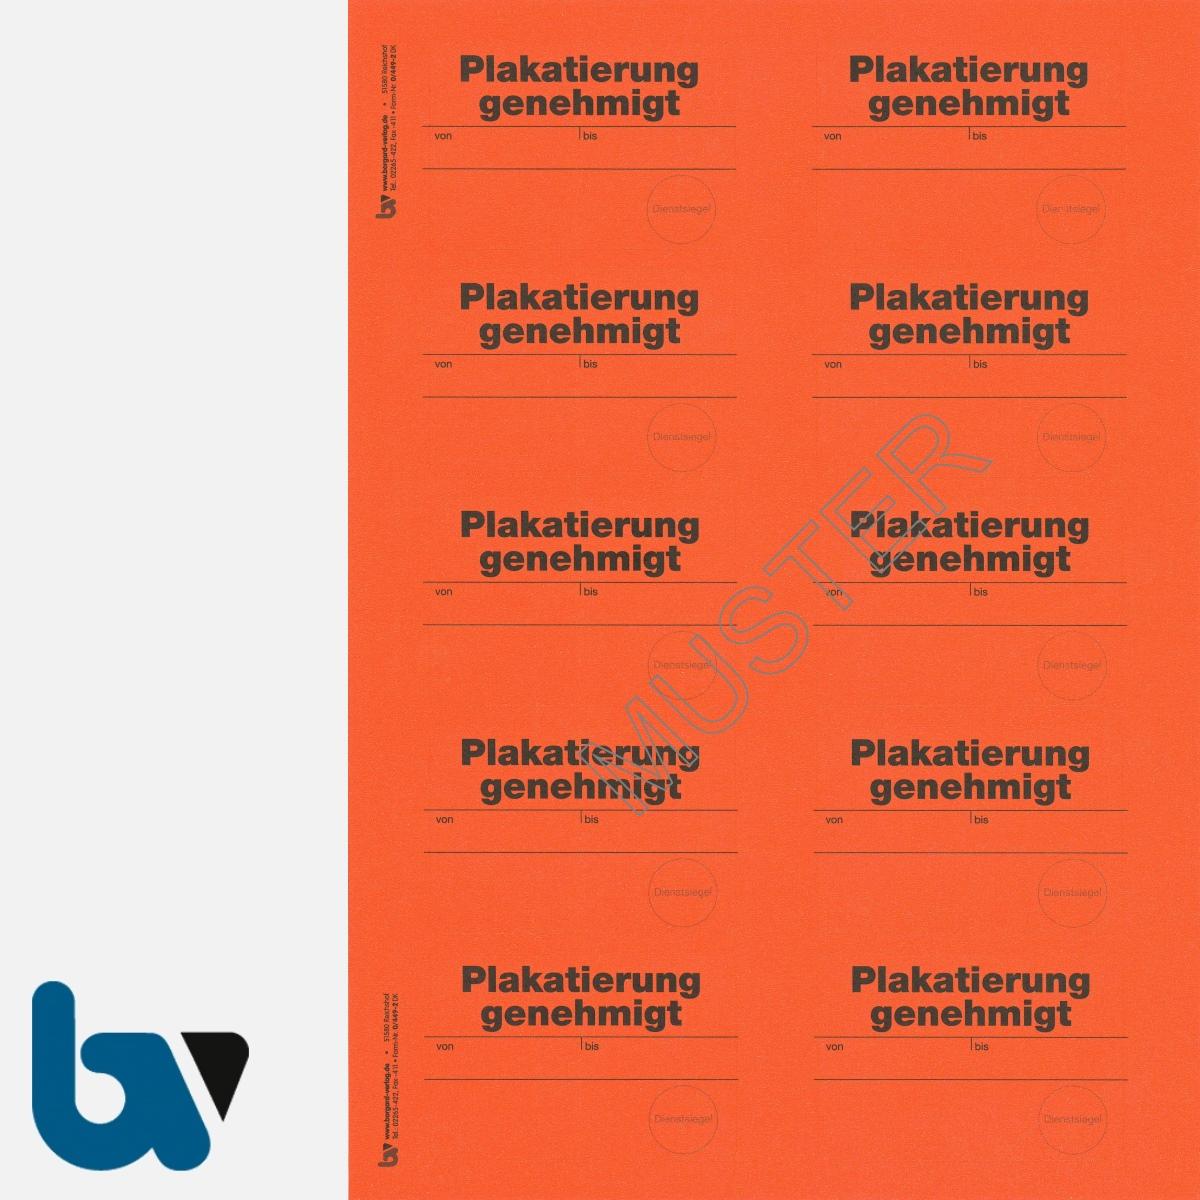 0/449-2 Aufkleber Plakatierung genehmigt leucht-rot 75 50 selbstklebend Bogen 10 Stück DIN A4 | Borgard Verlag GmbH